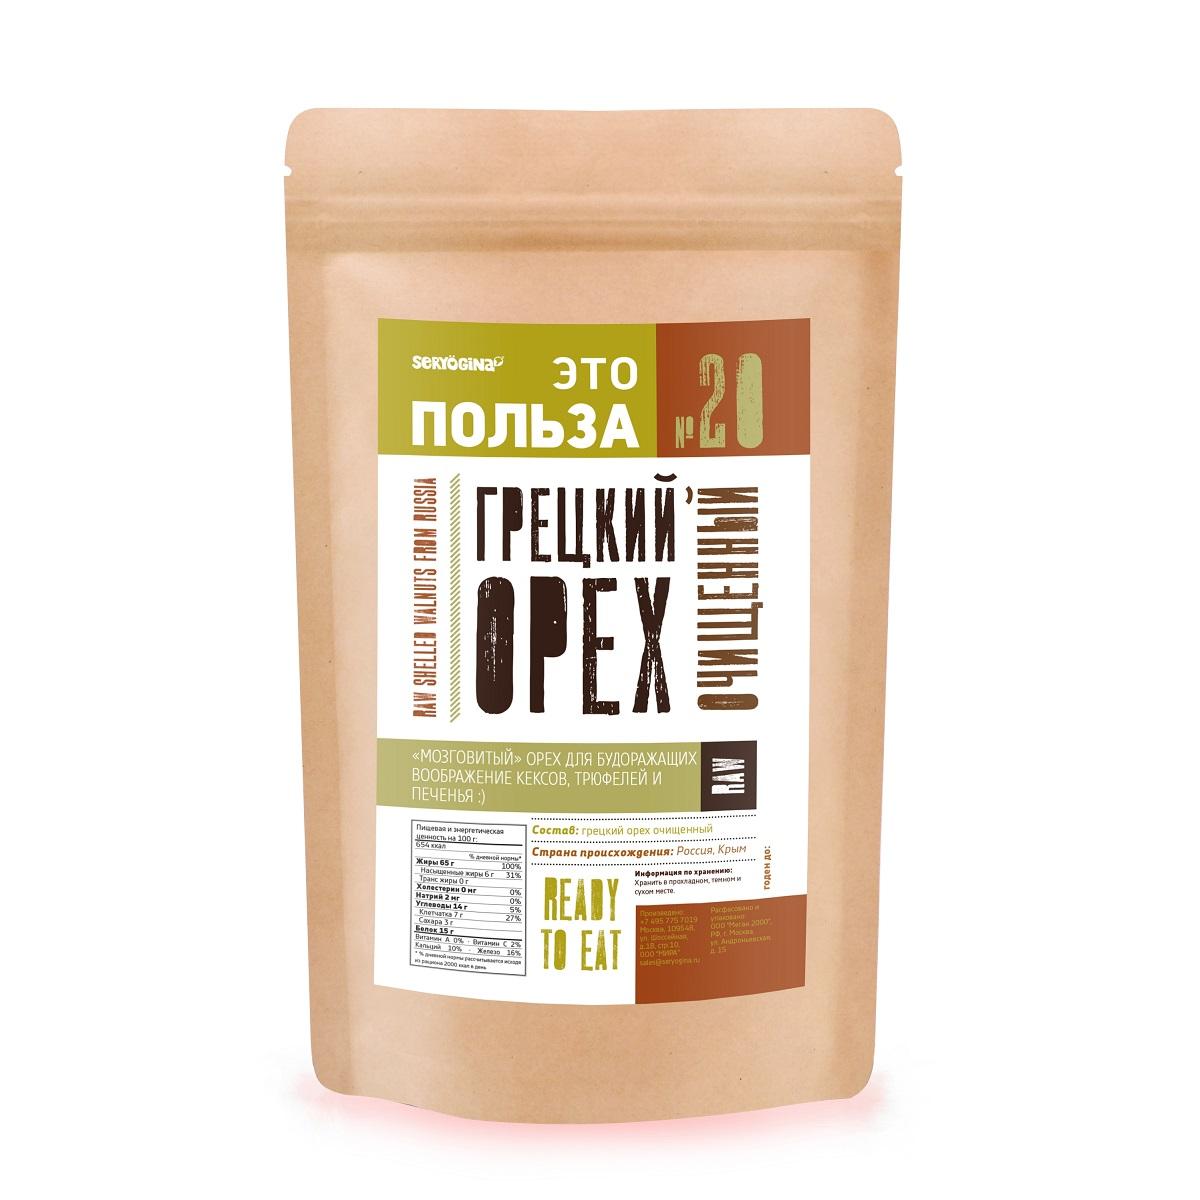 Seryogina Грецкий орех очищенный, 400 г1163В орехах около 70% жира, большая часть этих жиров – ненасыщенные, а значит, полезные. Антиоксиданты, содержащиеся в грецких орехах, в 2-15 раз эффективнее витамина Е, известного своими способностями противостоять естественным окислительным процессам в организме.